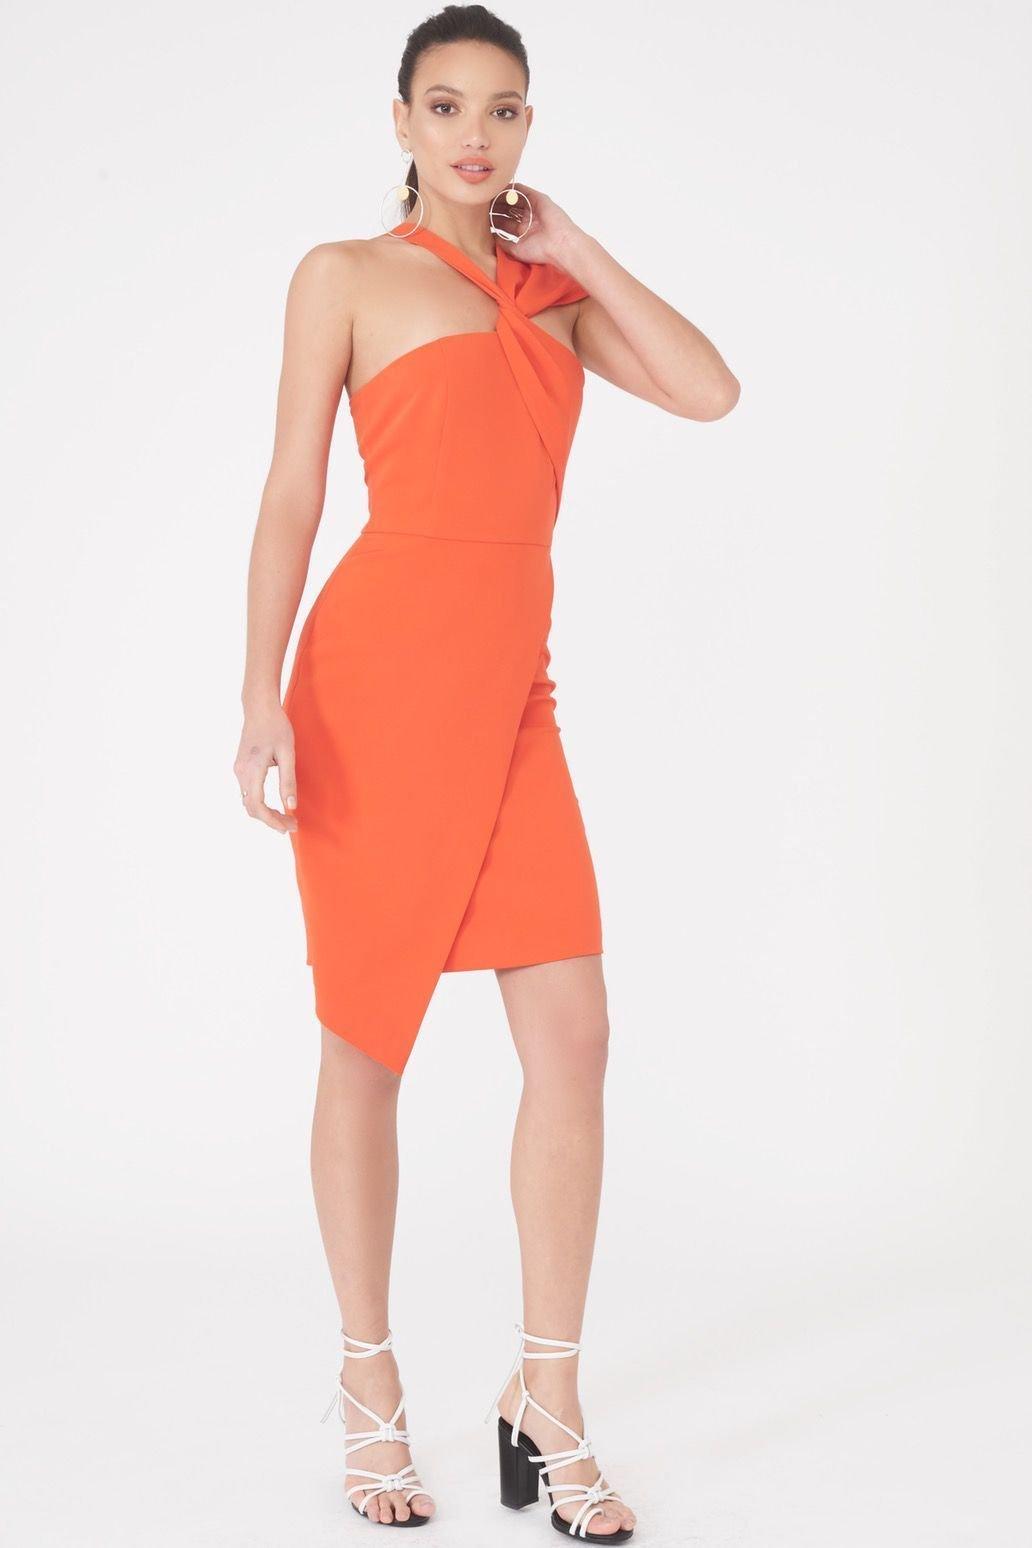 Image of Asymmetric Twist Detail Dress in Orange